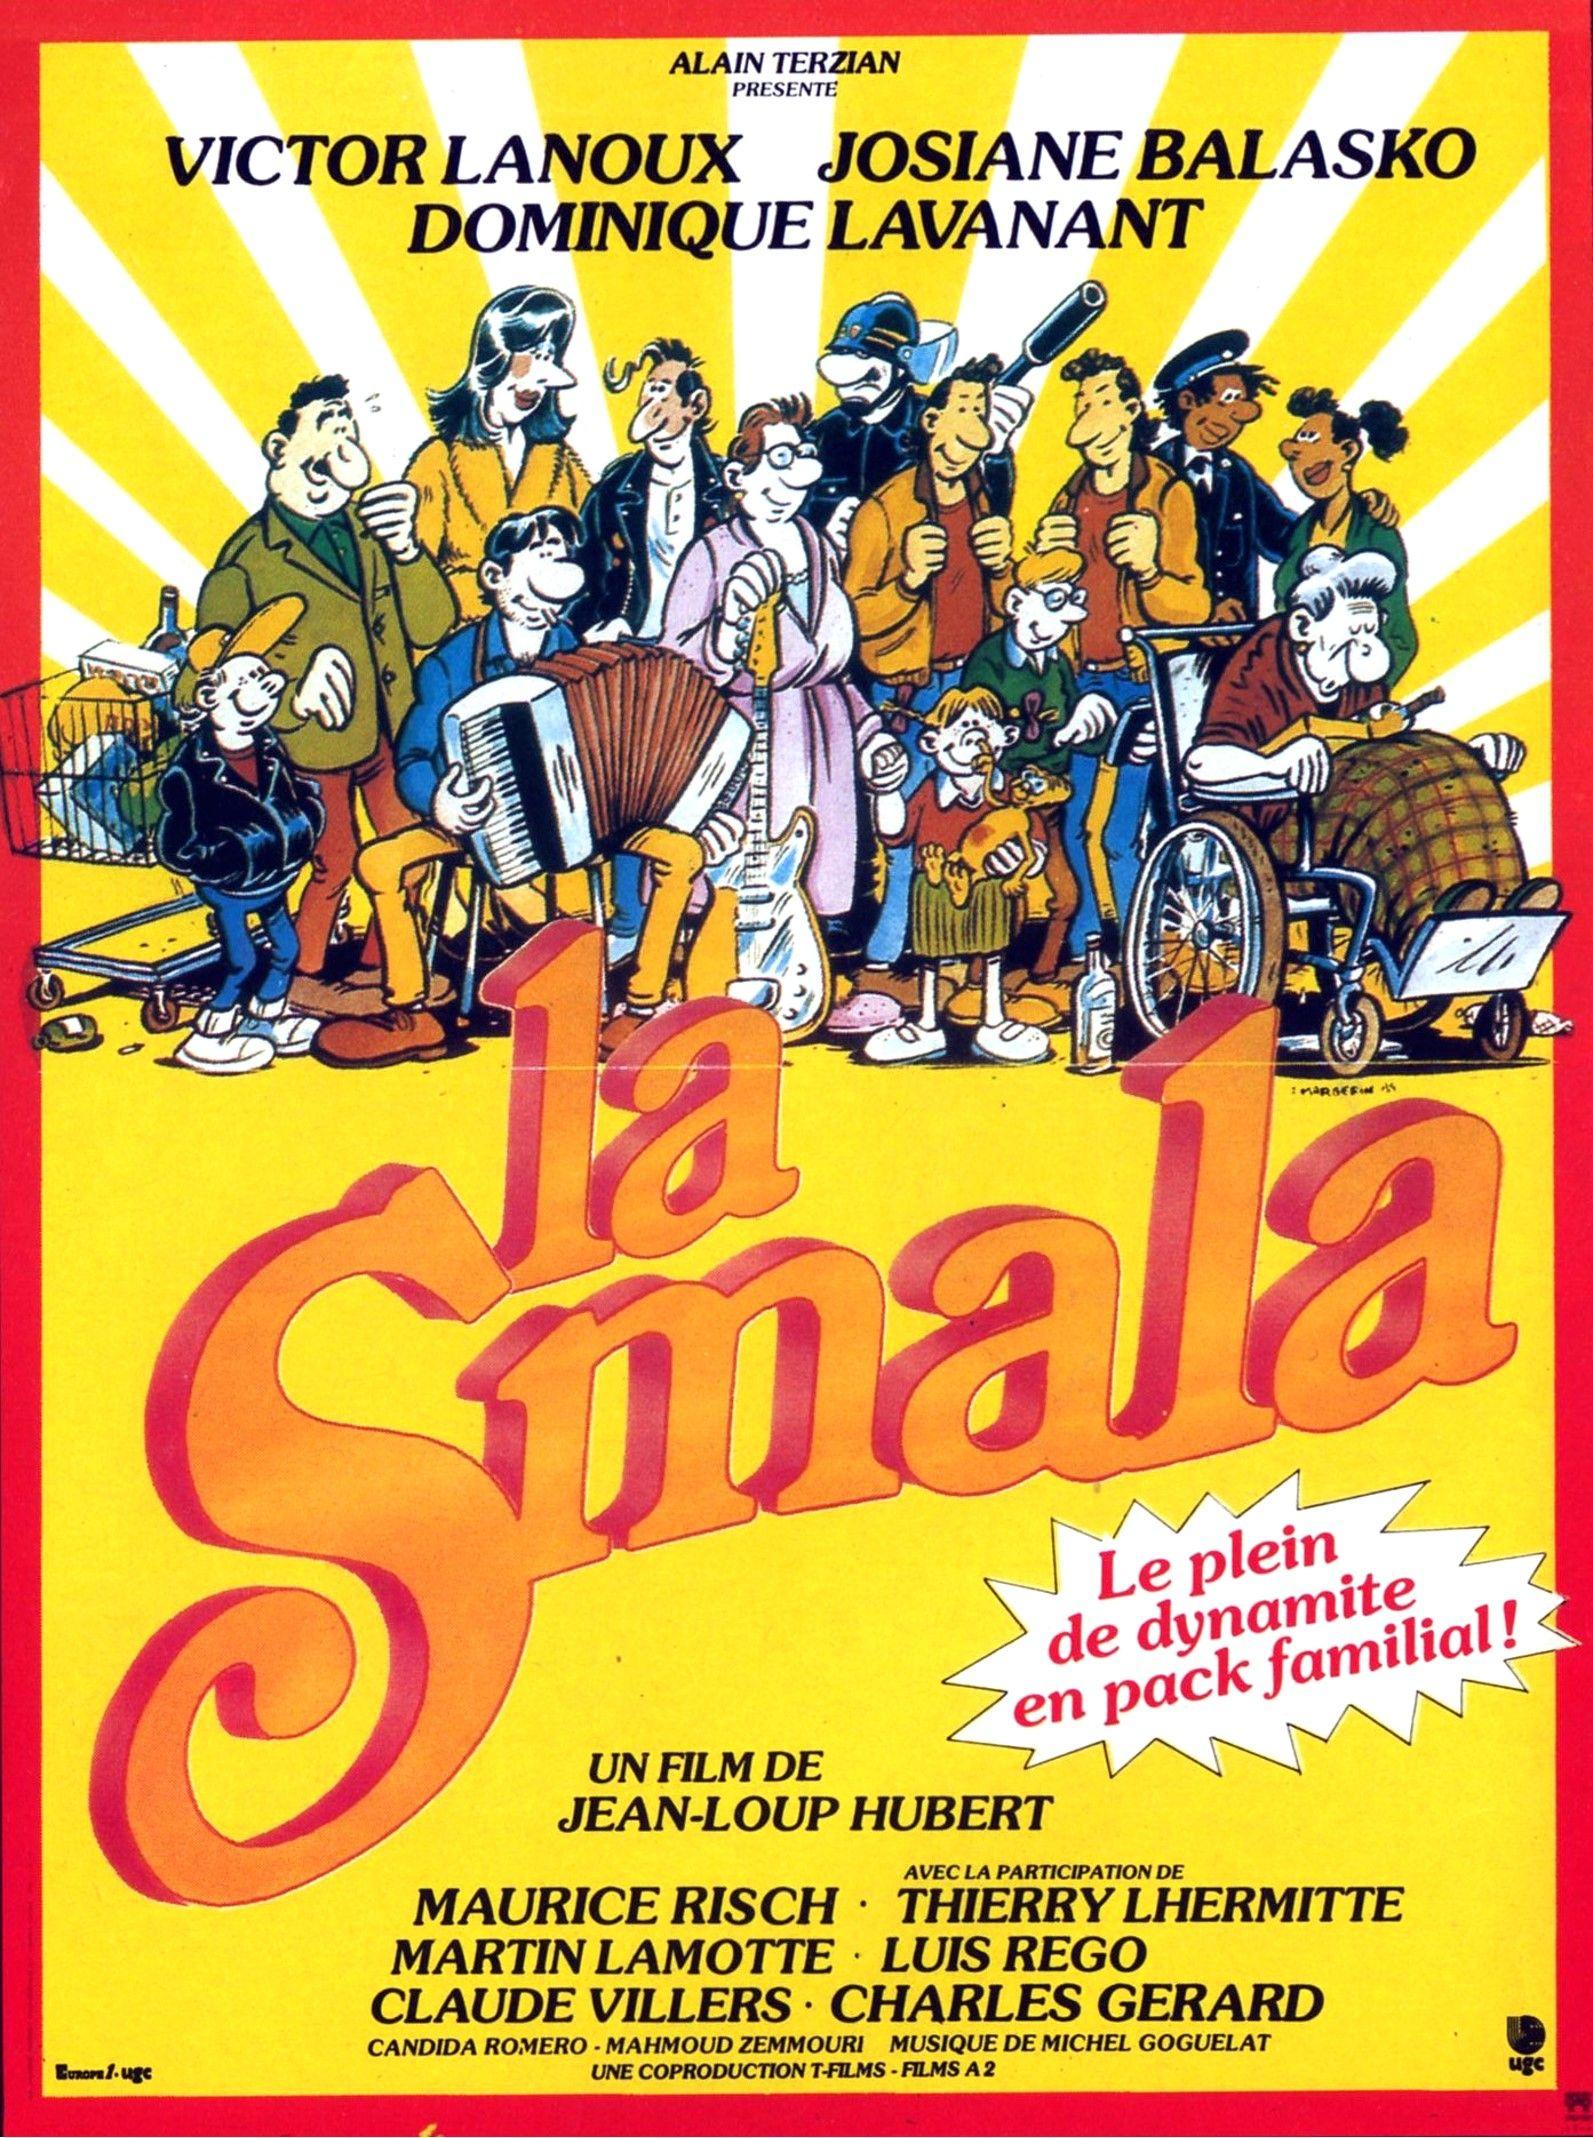 GRATUIT SMALA FILM TÉLÉCHARGER LA